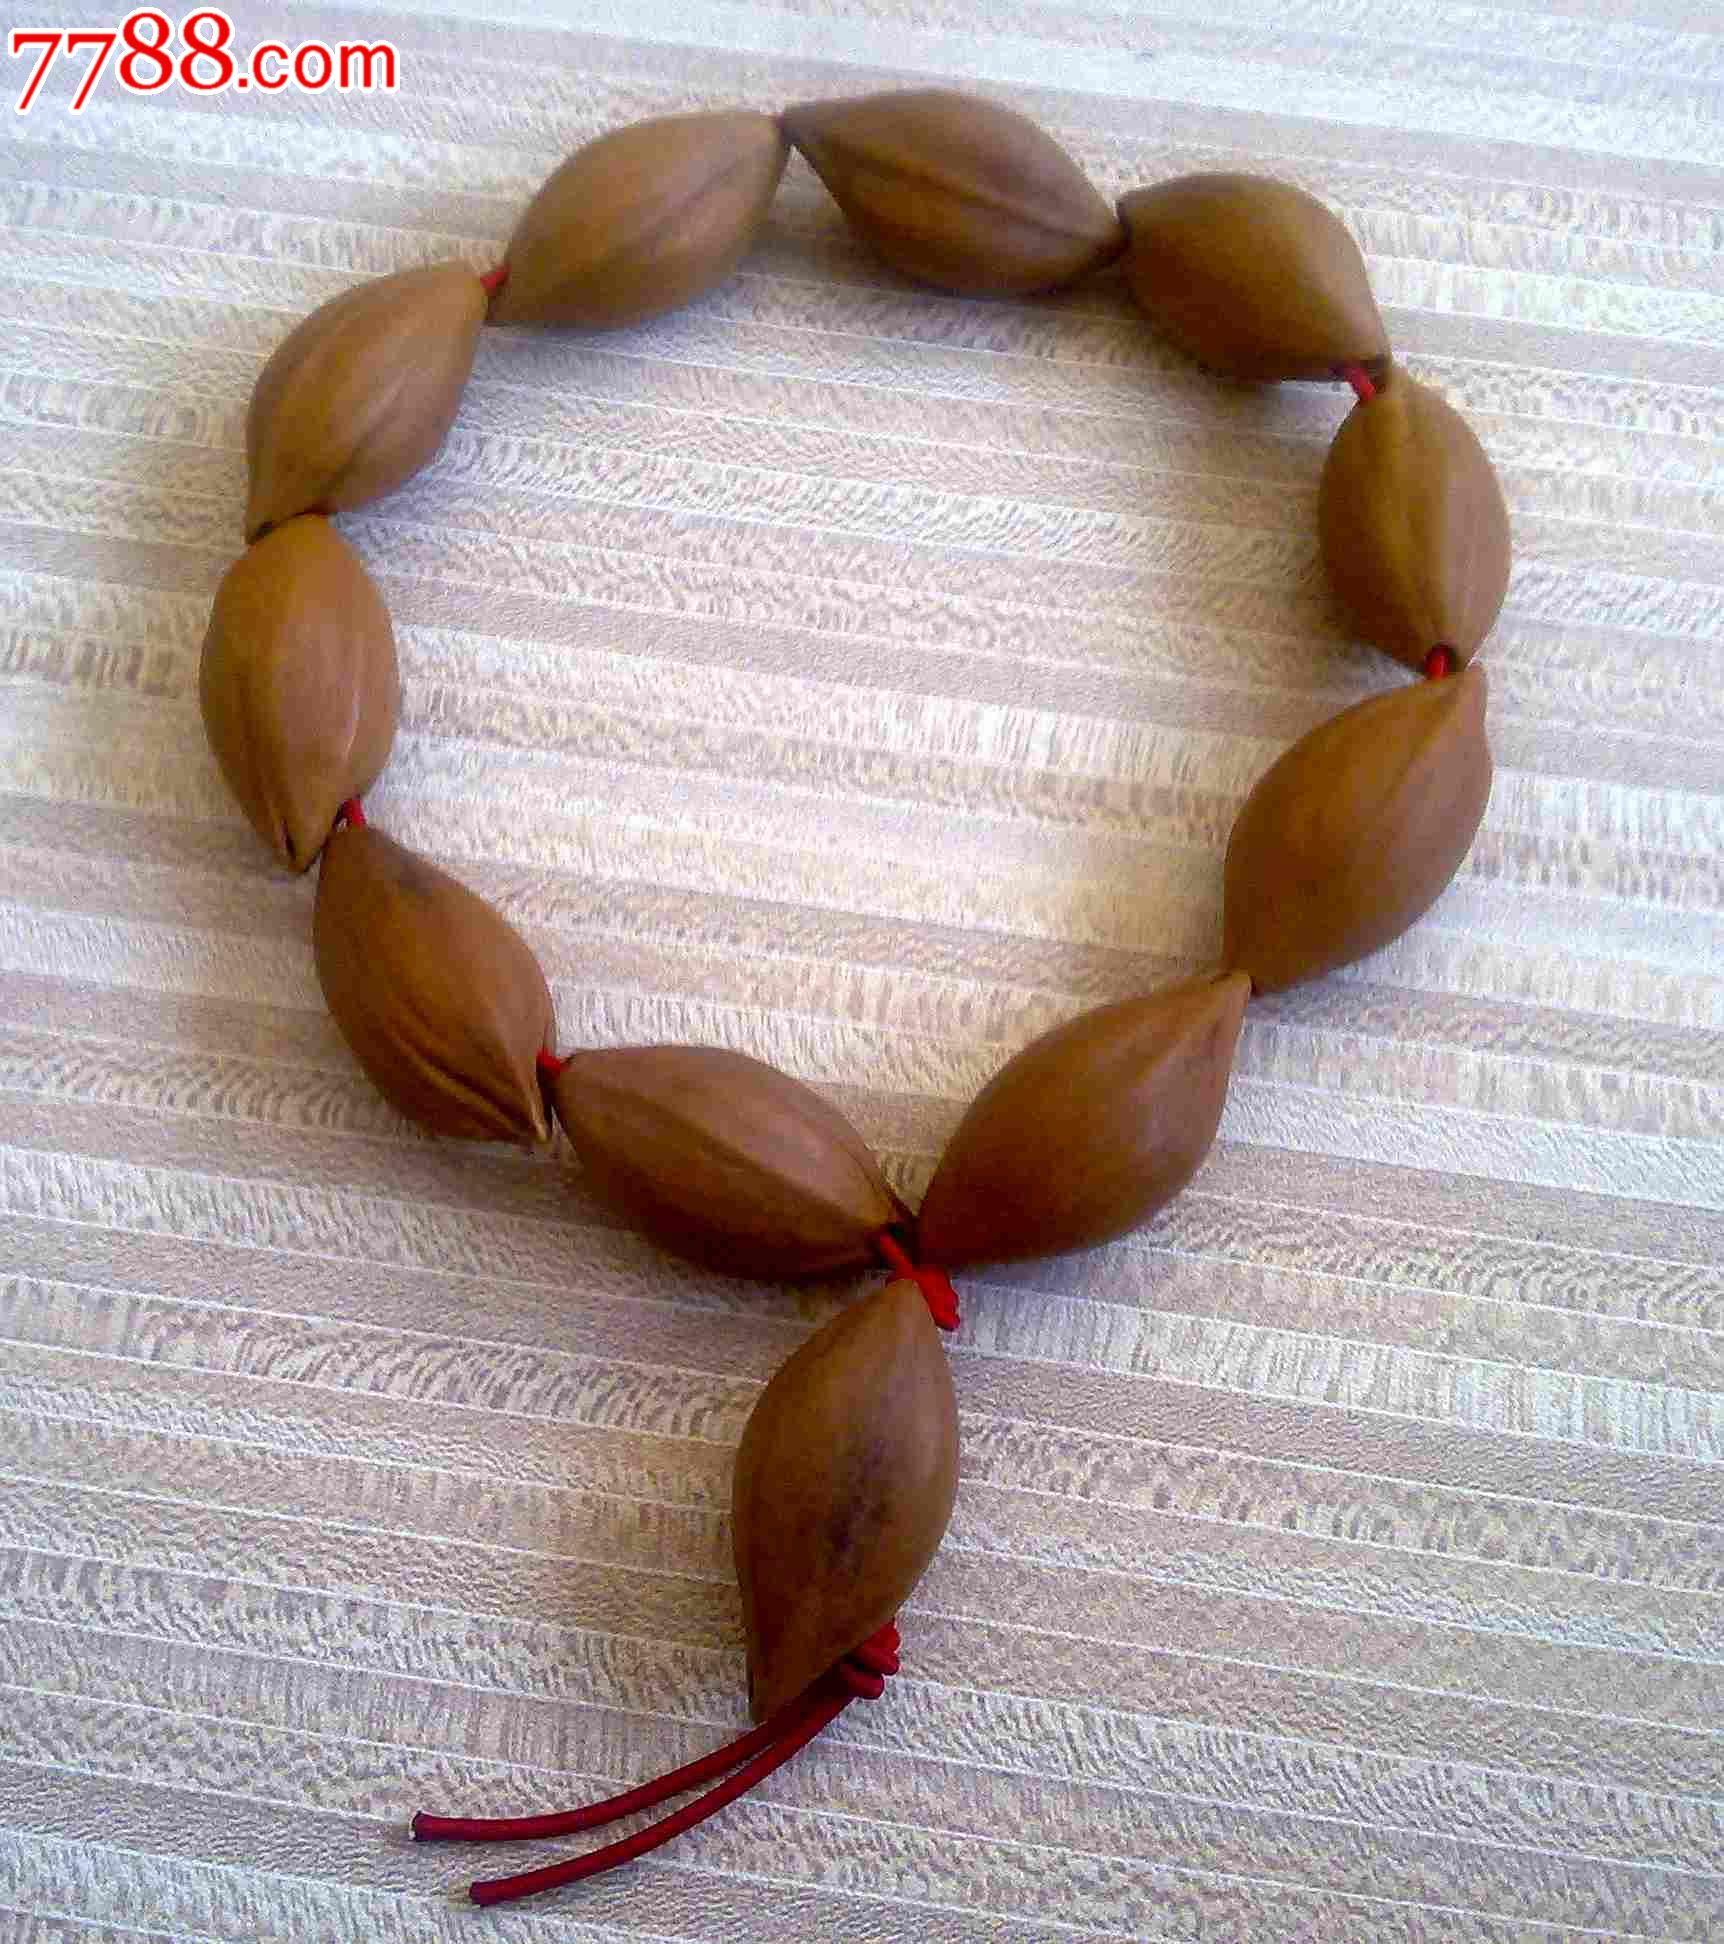 橄榄核手串小核有花皮